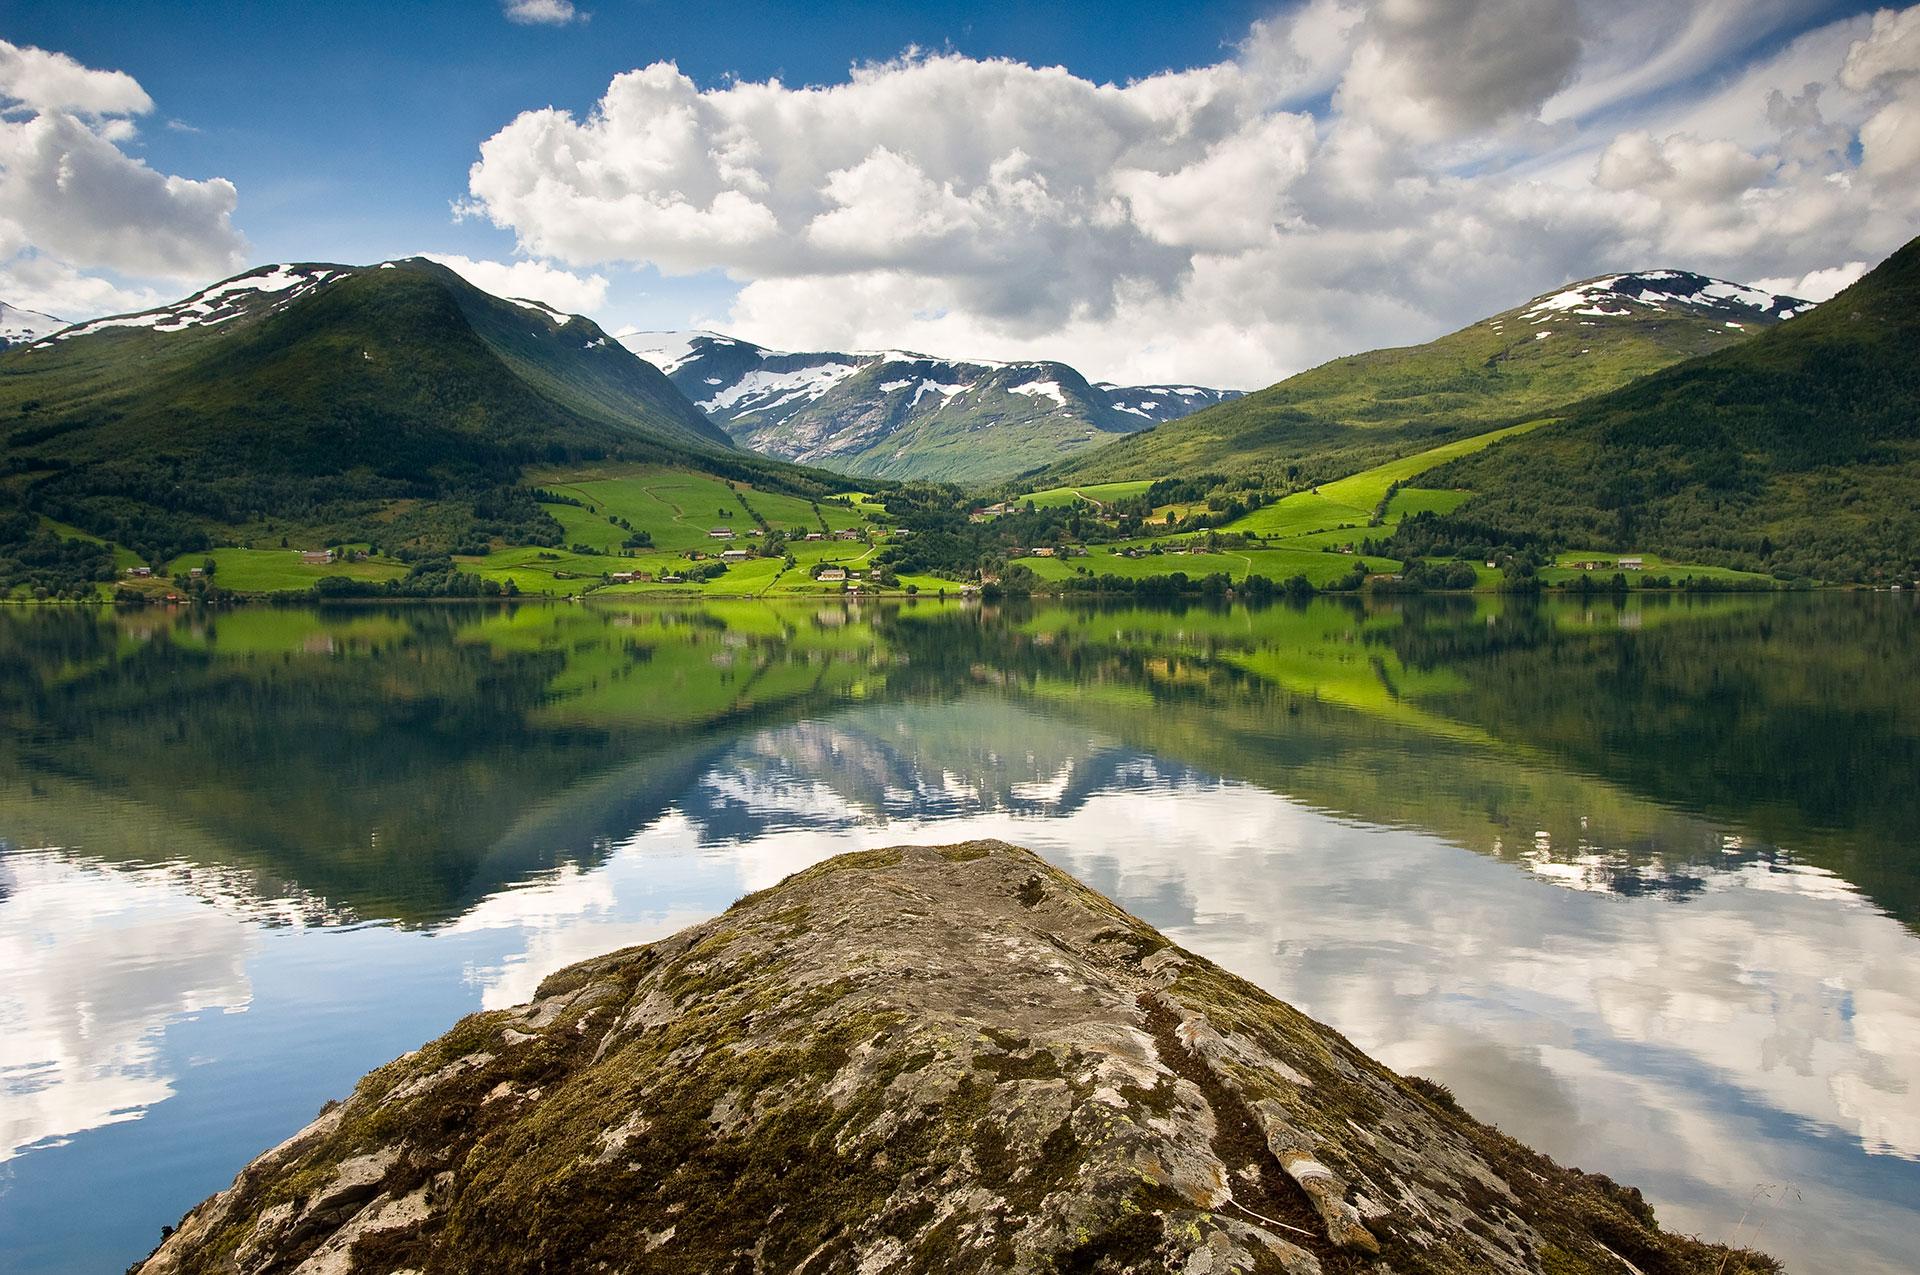 In Norwegen in der Provinz Hordaland fühlt man sich wie in der Schweiz